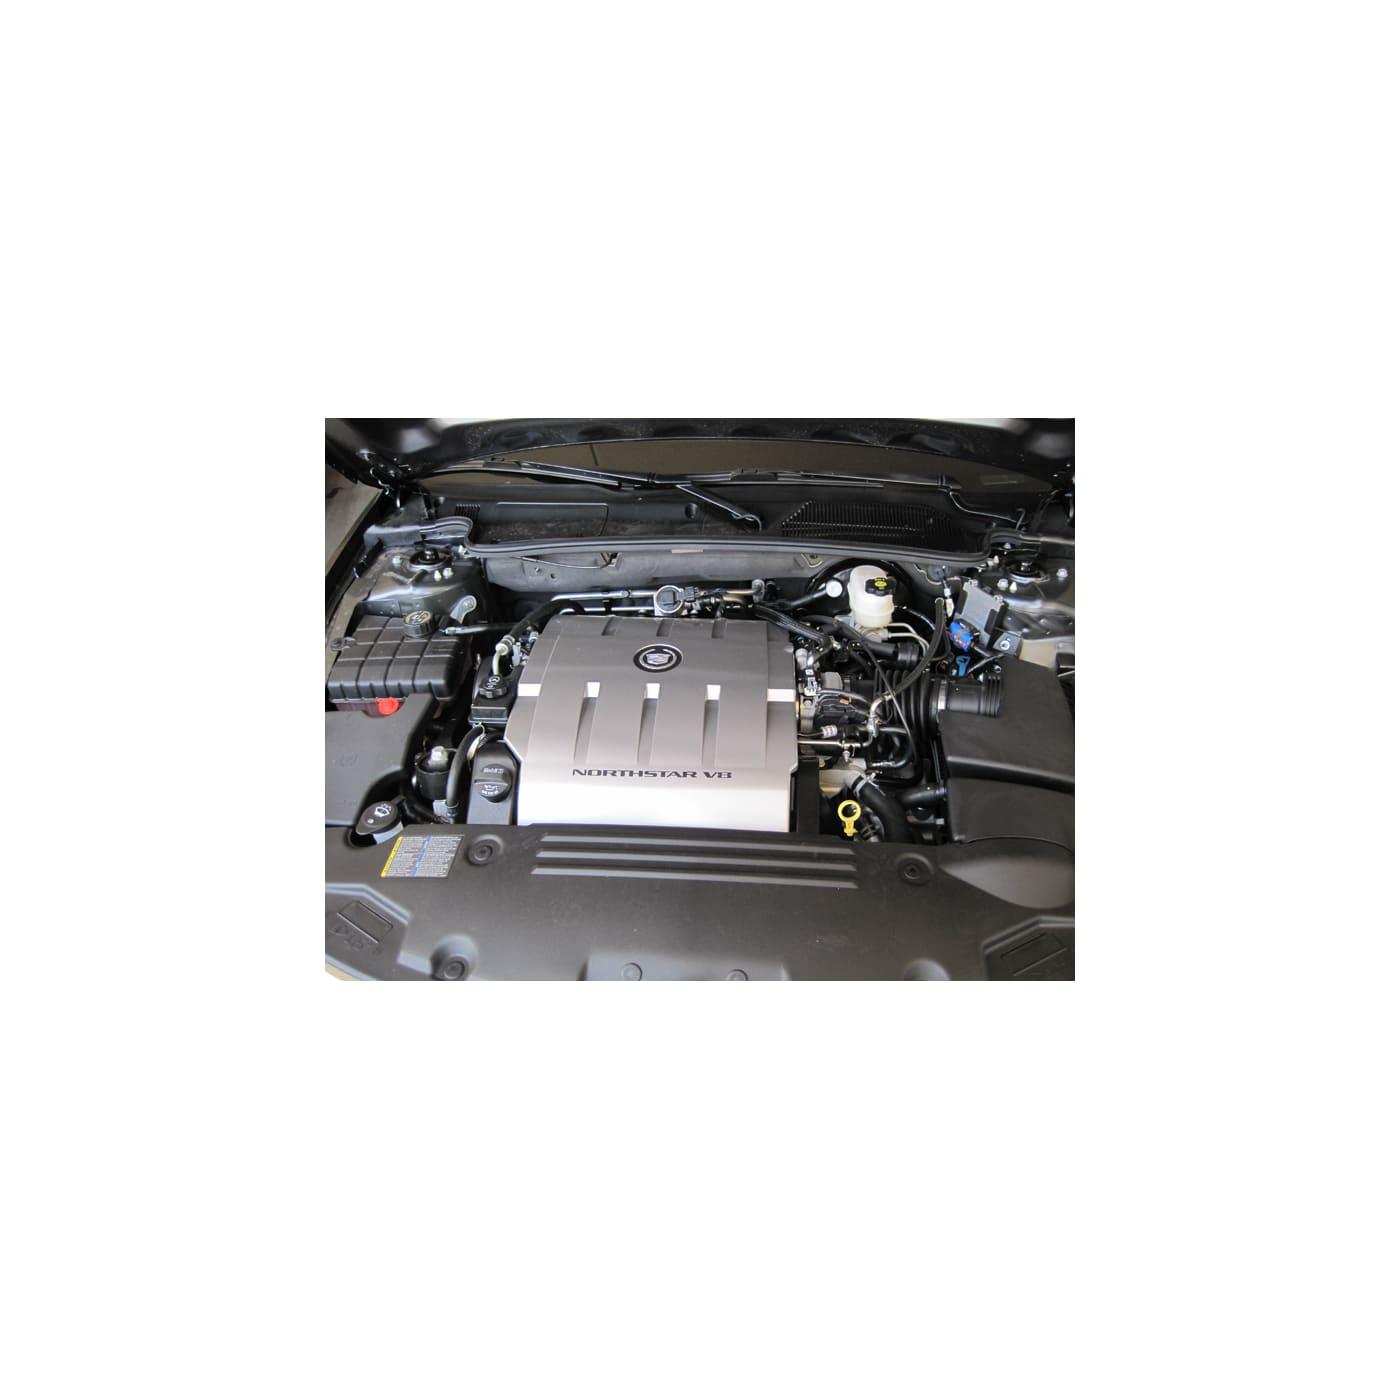 Filtro De Ar K&N 33-2296 Buick Lucerne Chevrolet Malibu Cadillac DTS Pontiac G6